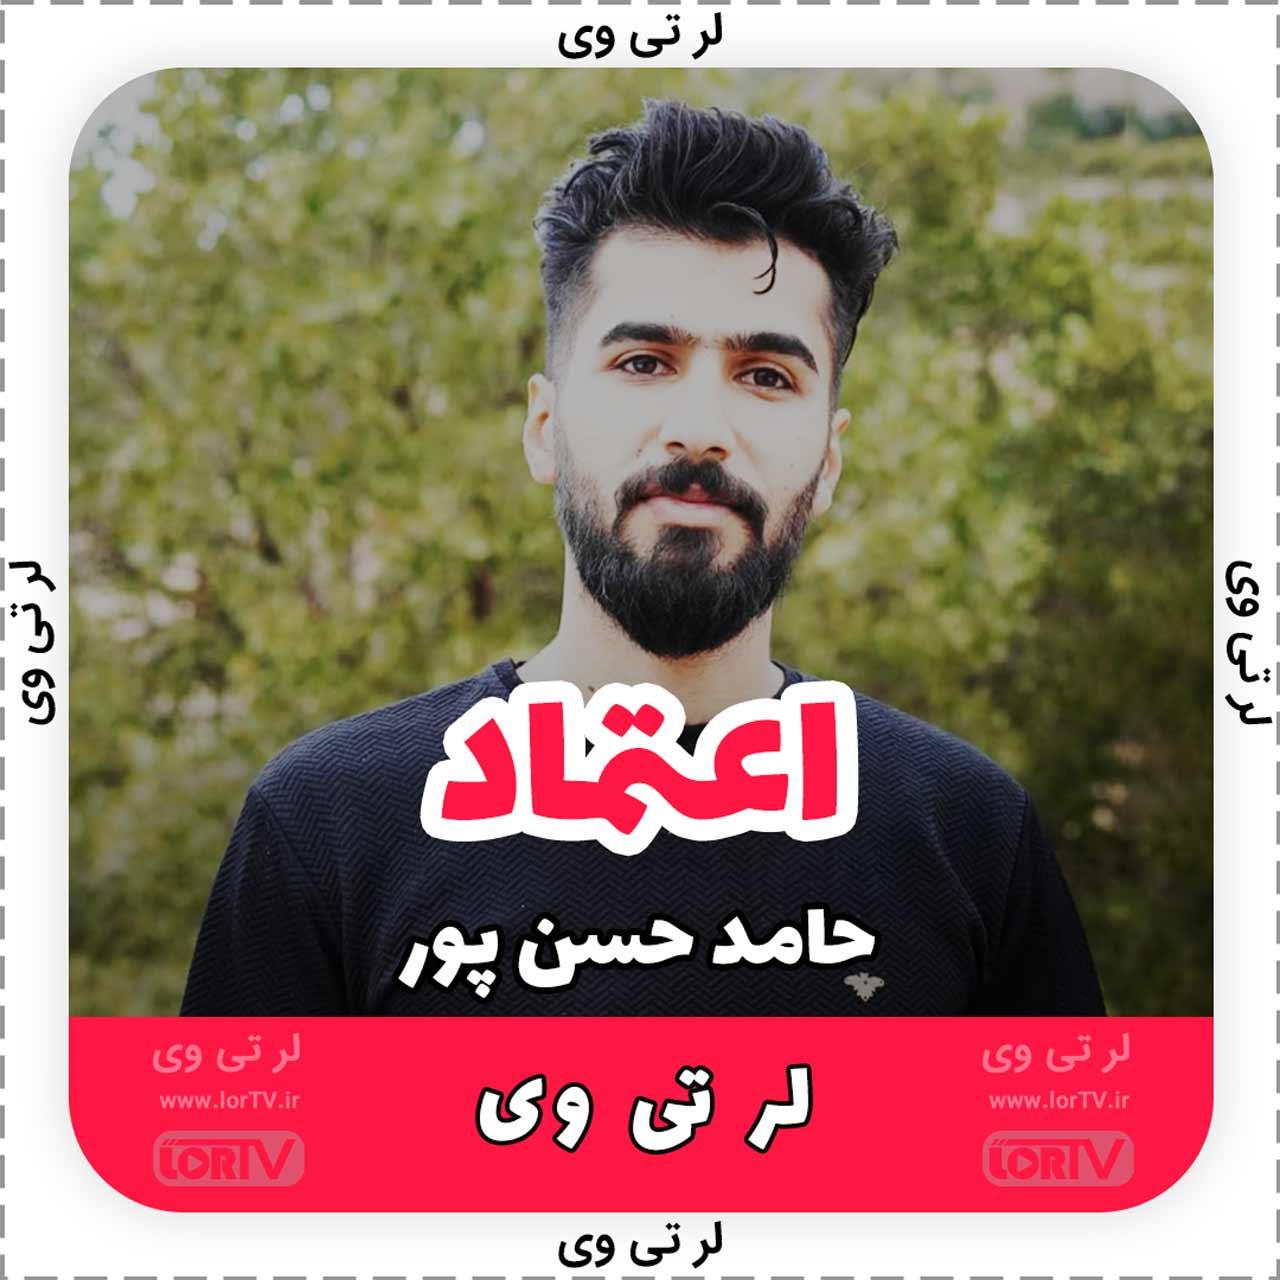 اعتماد از حامد حسن پور